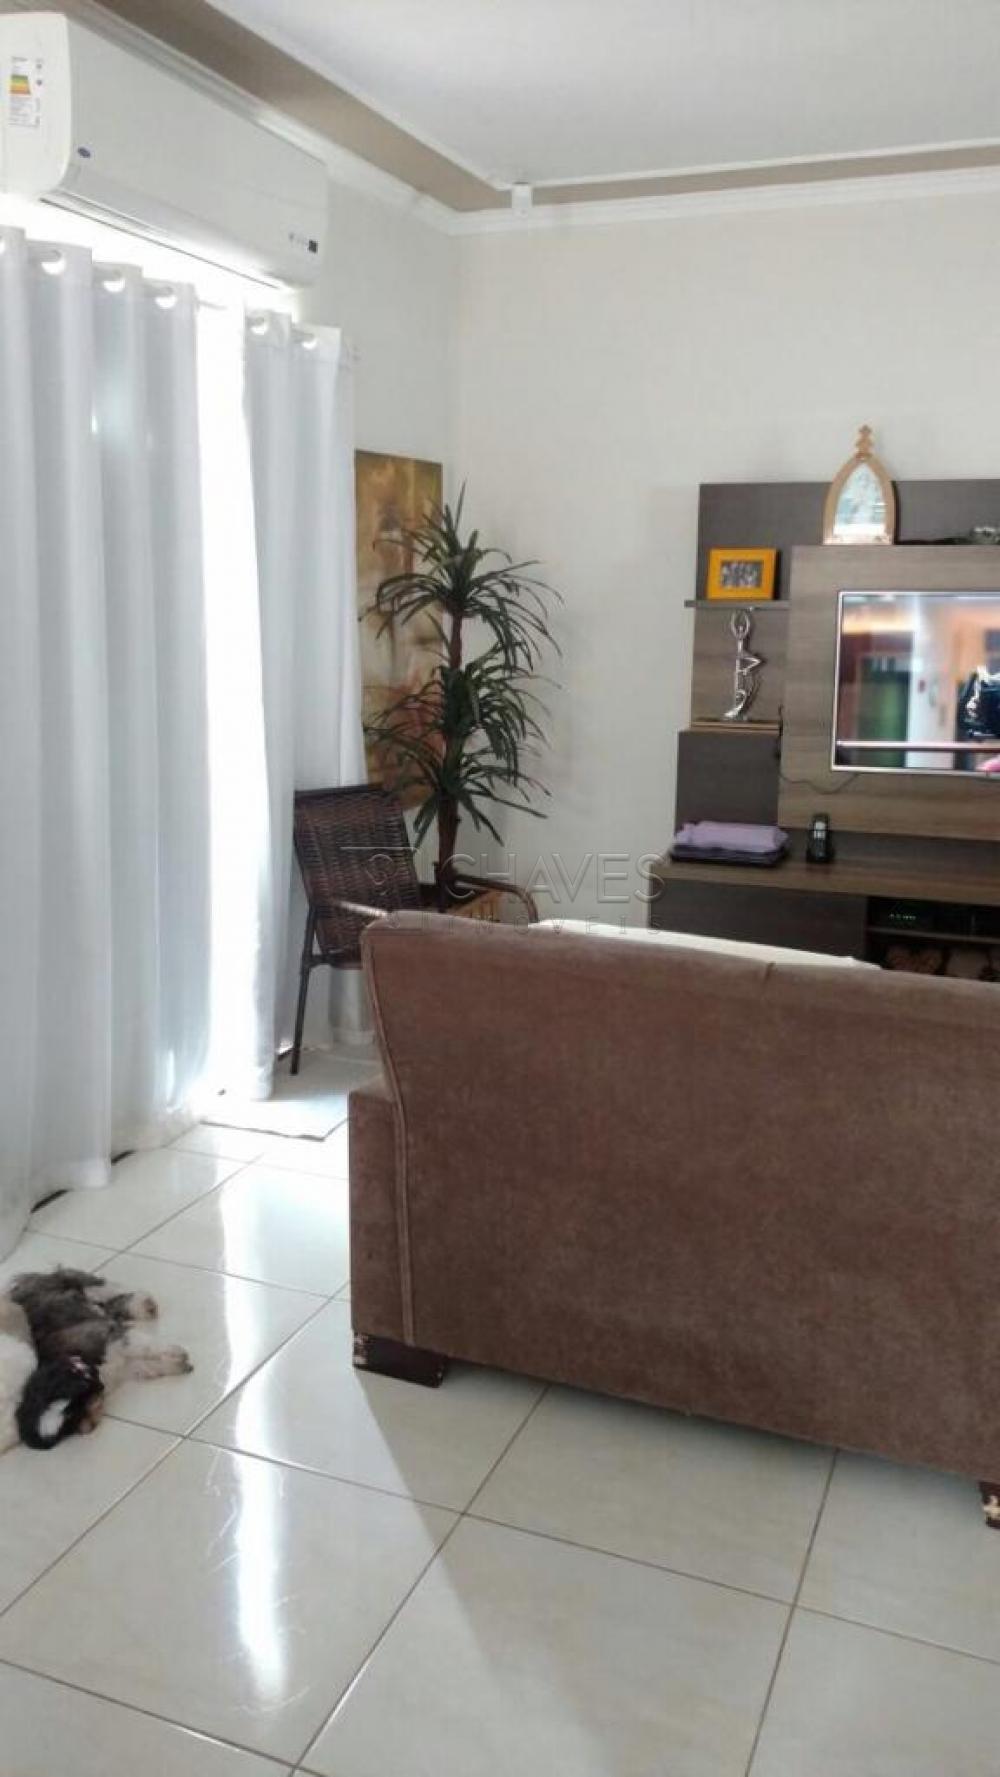 Comprar Casa / Padrão em Ribeirão Preto apenas R$ 360.000,00 - Foto 8